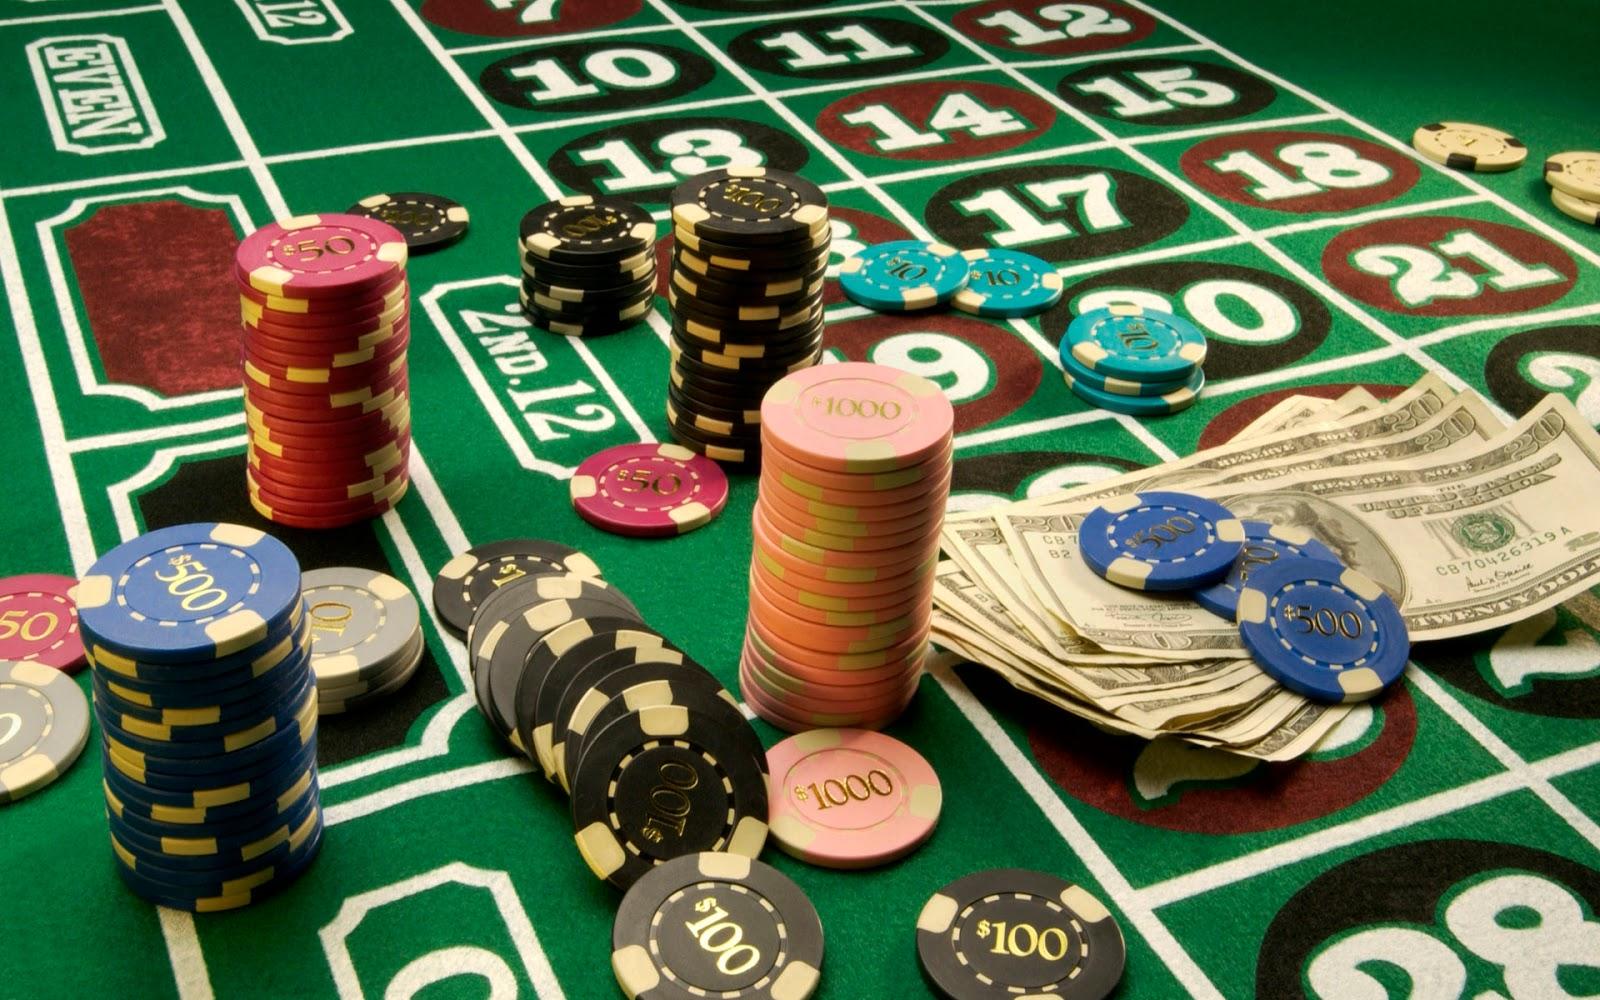 schreiben an die bank wegen geld zurück casino